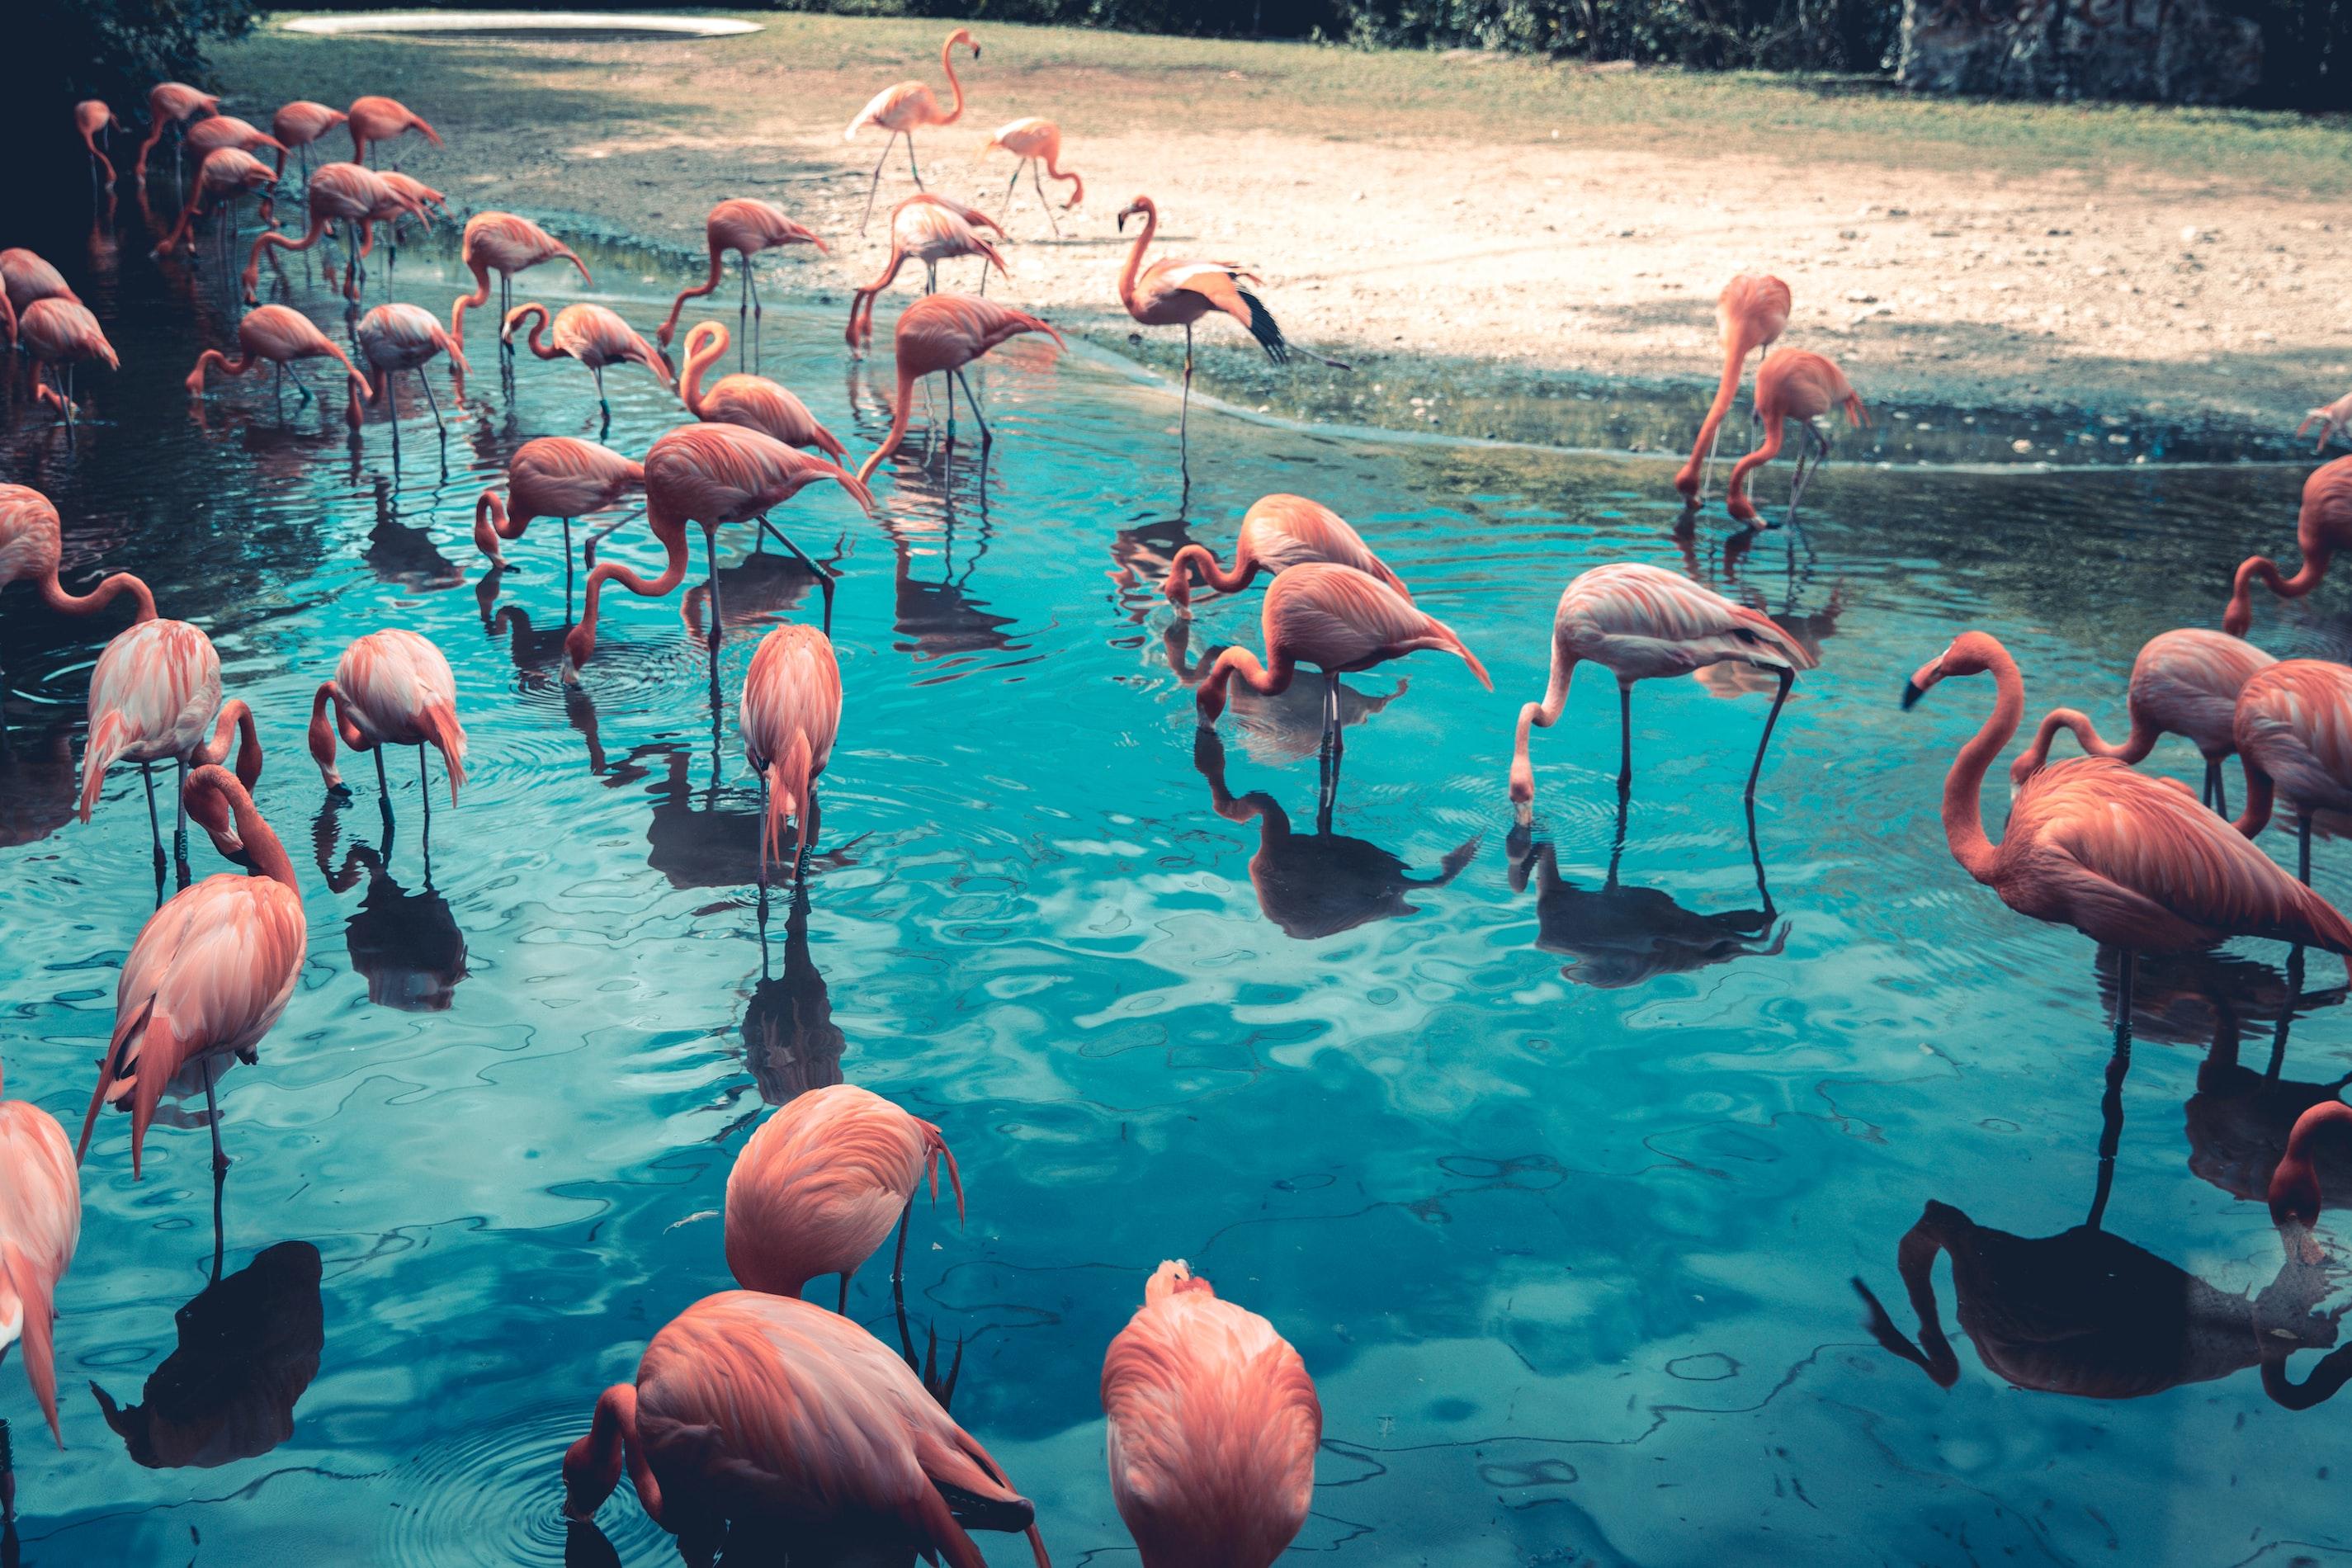 Flamingos in the Orlando Florida area